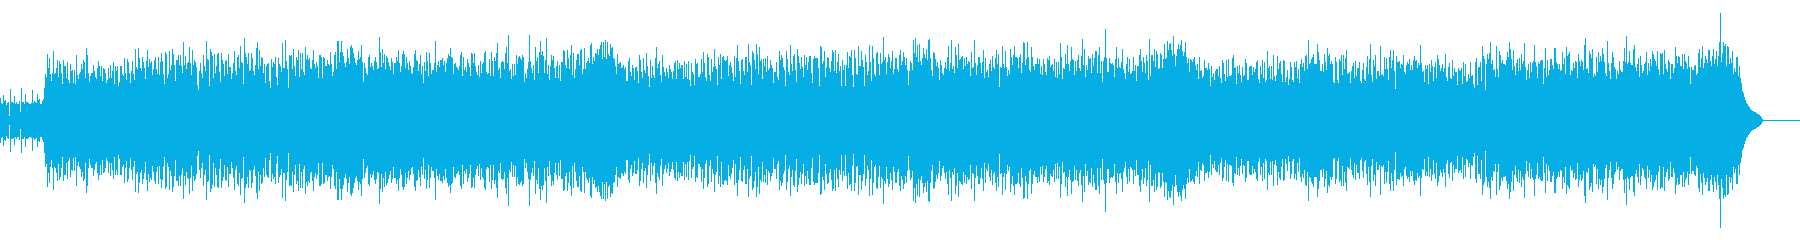 インディーズロックバンド風の再生済みの波形